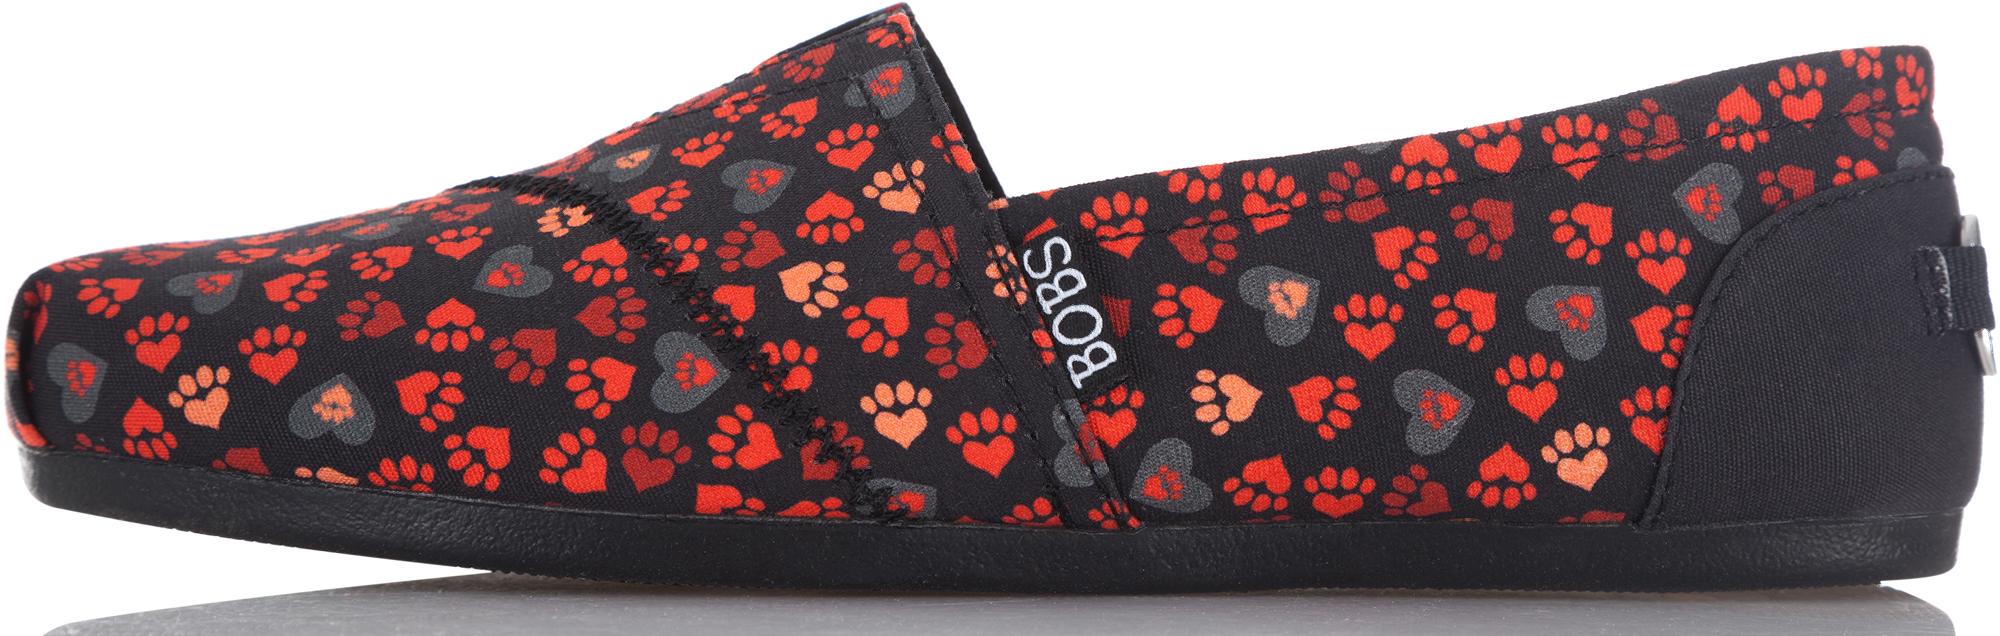 Skechers Полуботинки женские Skechers Bobs Plush-Finger Paint, размер 39 skechers носки женские skechers 3 пары размер 35 39